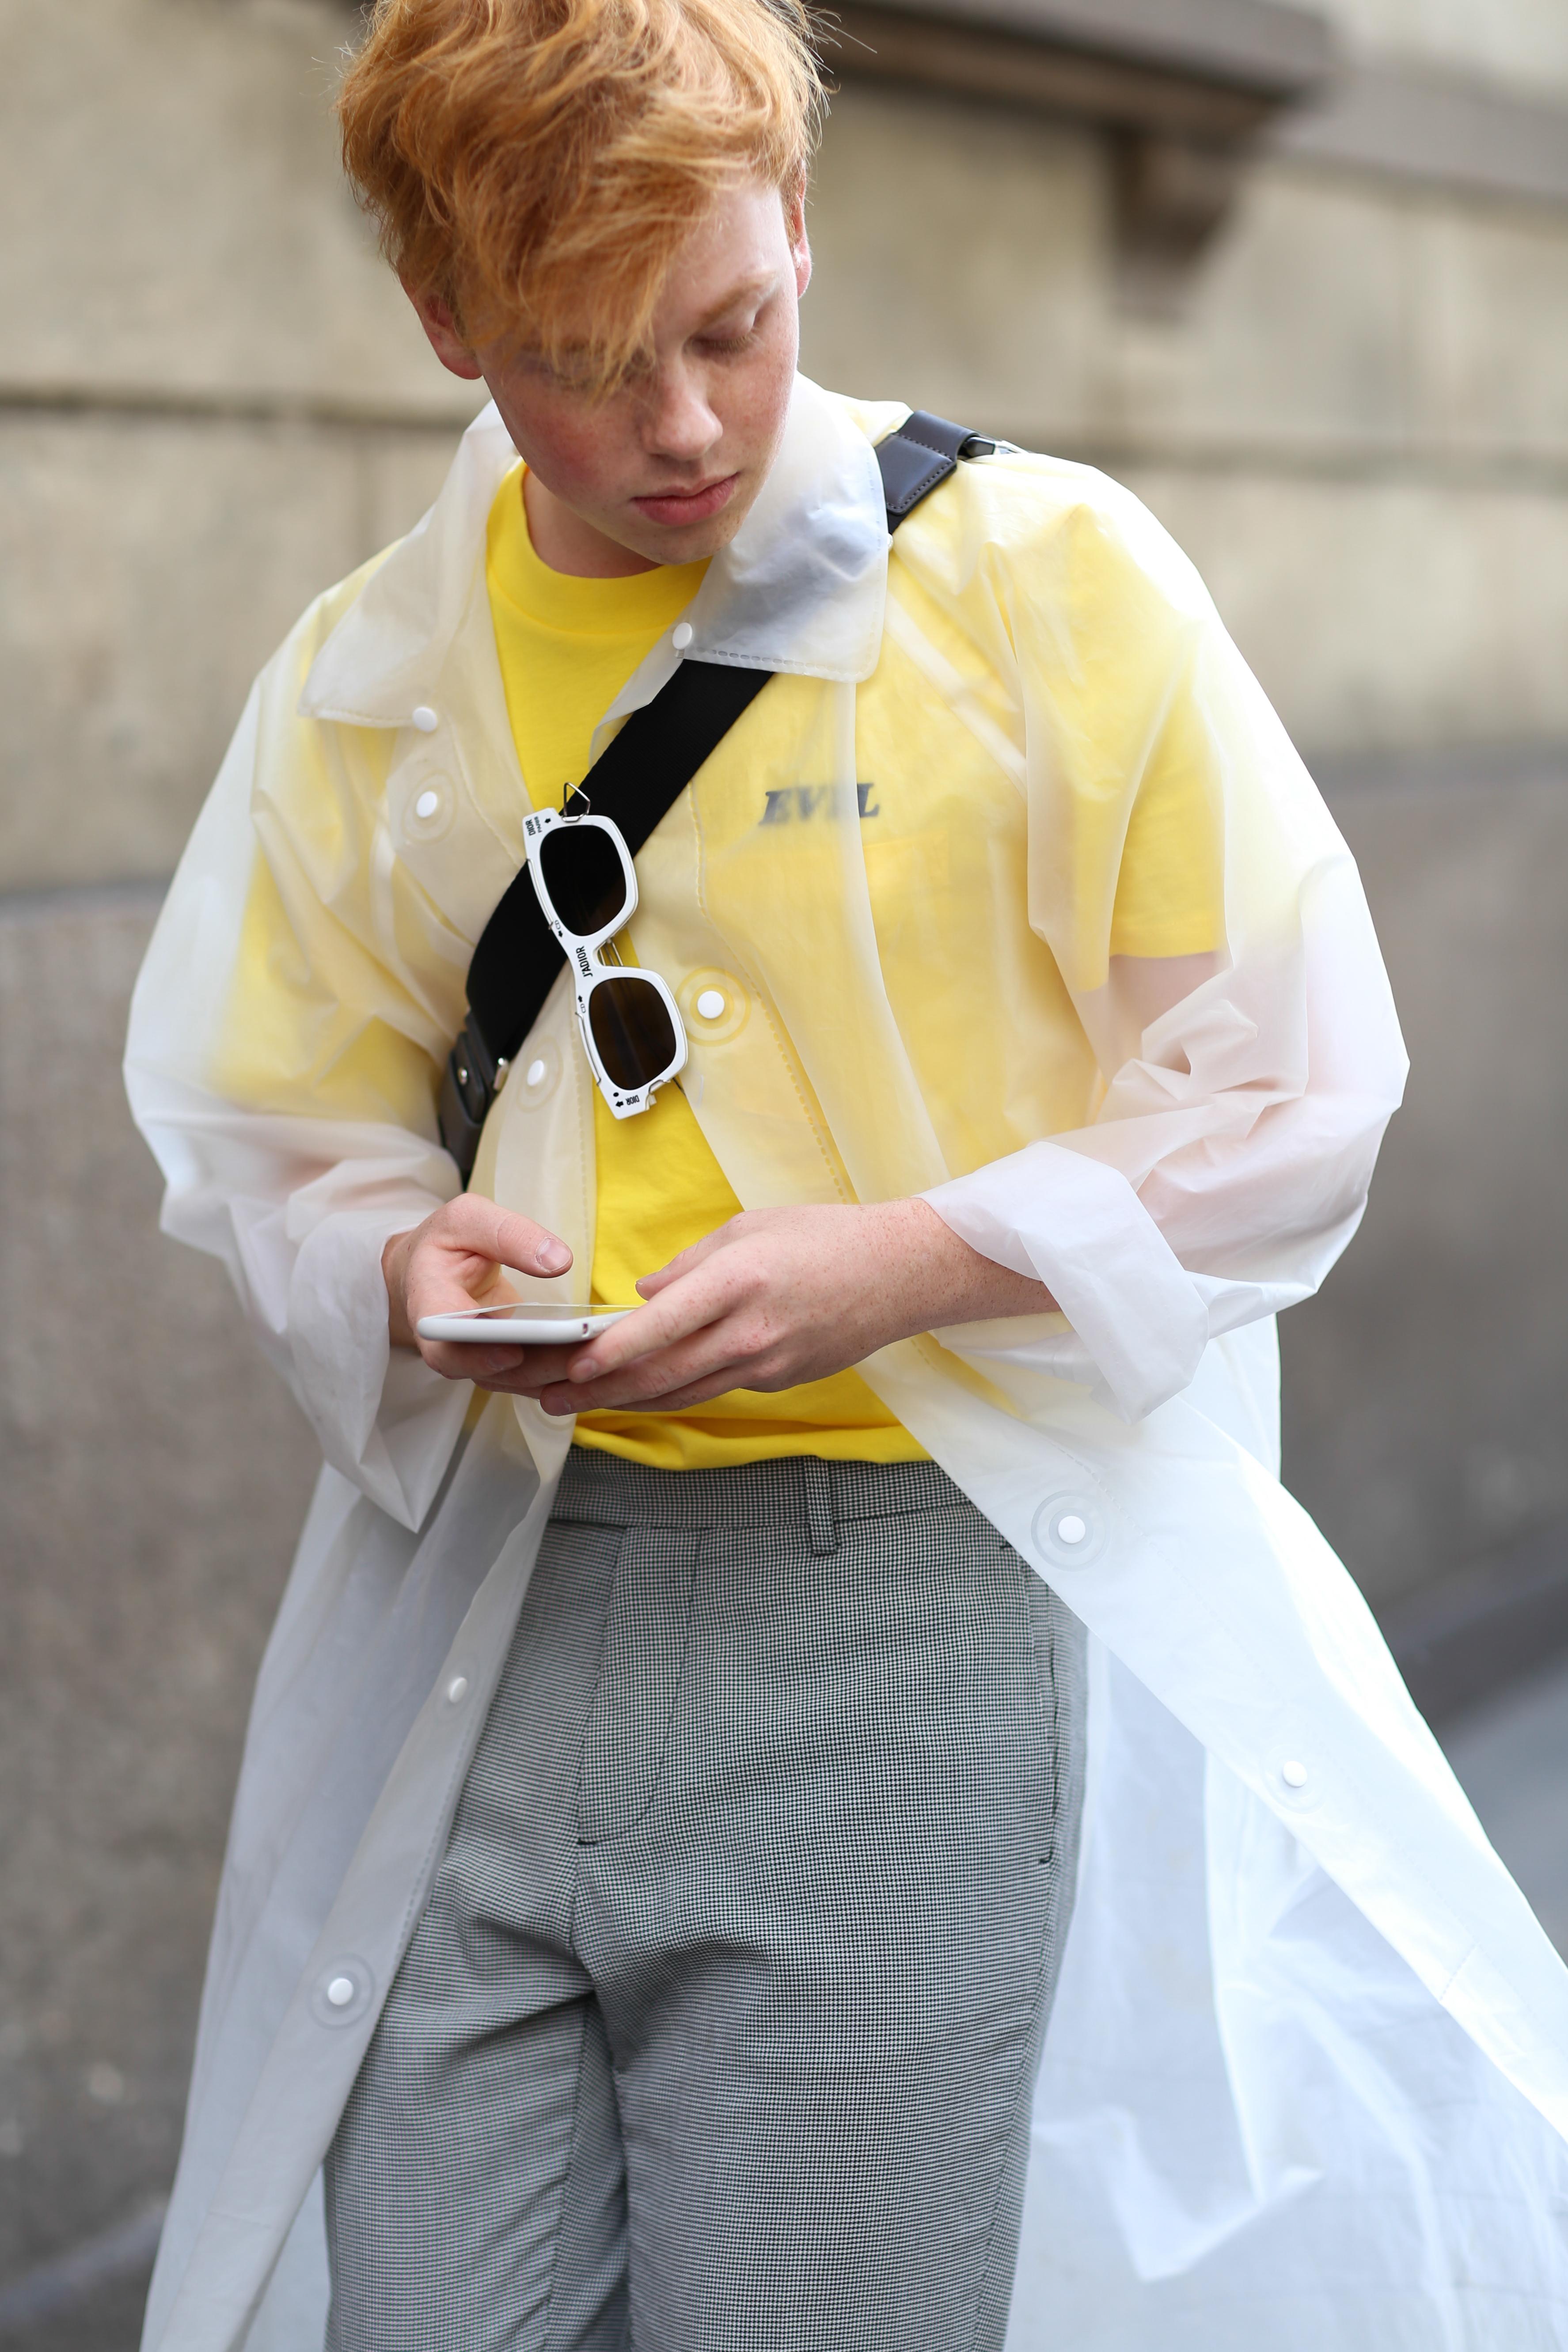 그레이 팬츠를 입어도 밝은 컬러의 상의와 악세서리를 매치하면 또 다른 분위기를 연출할 수 있다.